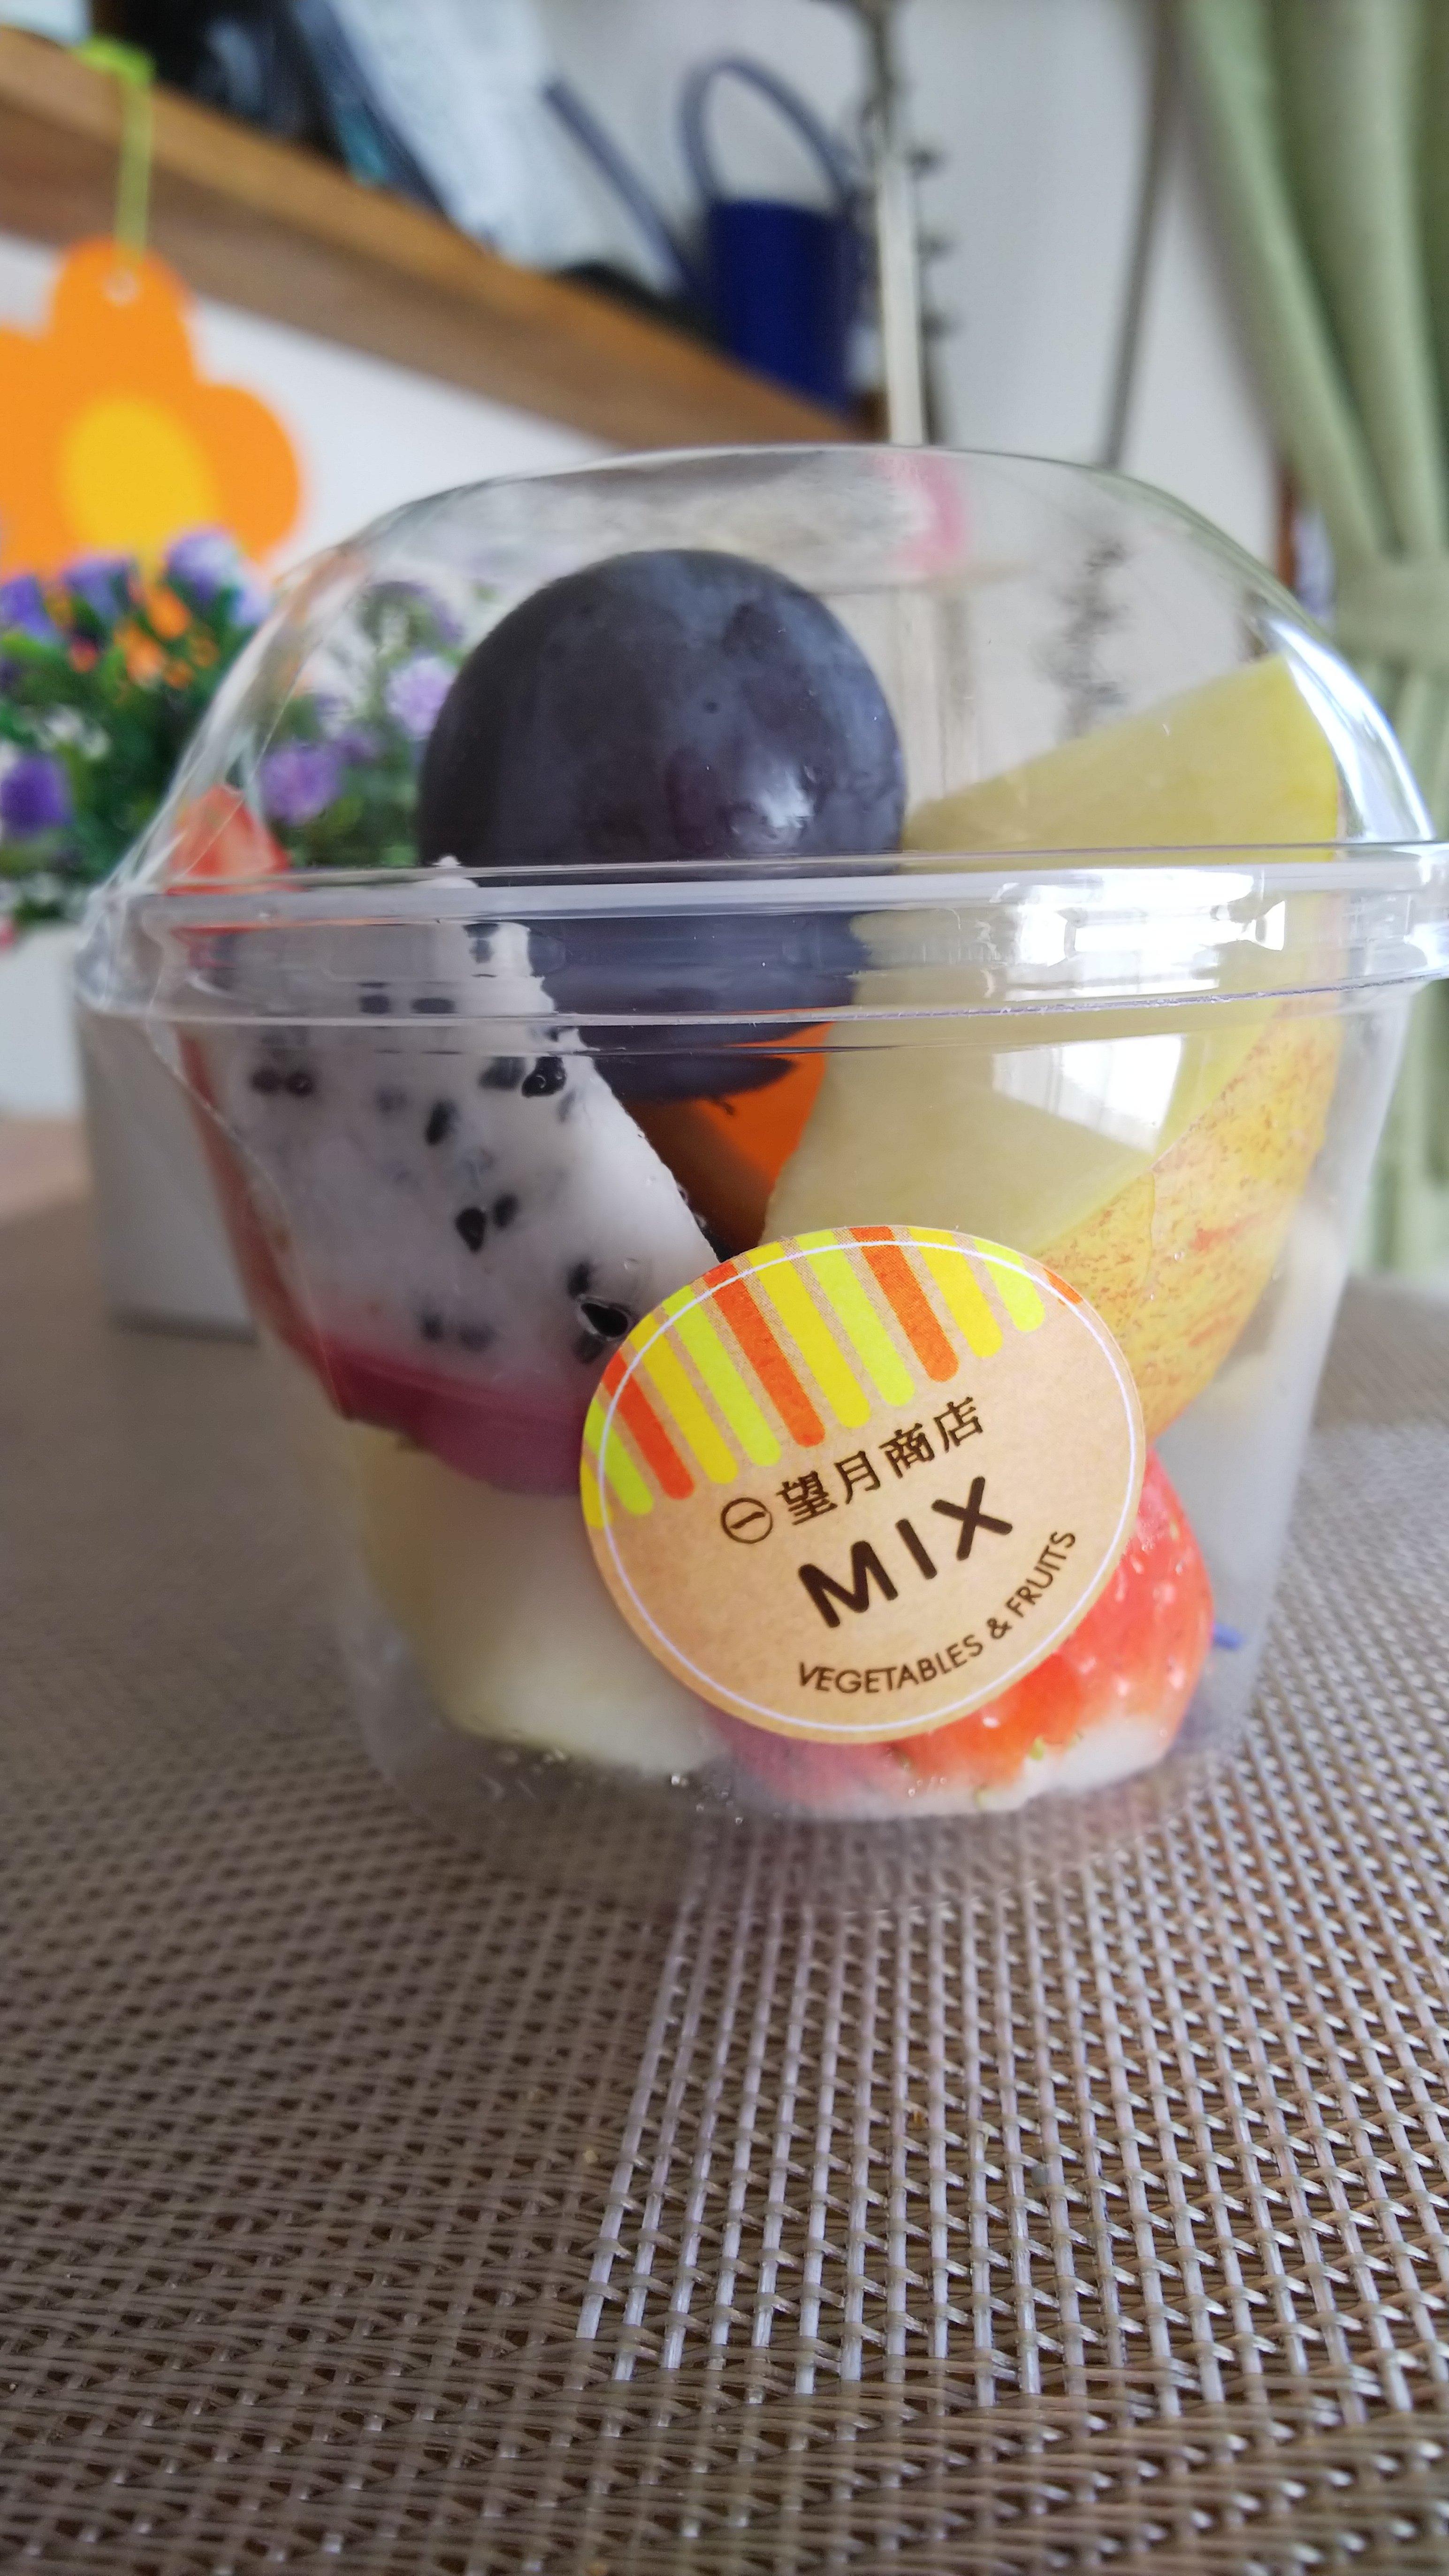 ヤオヤノフルーツサンド望月商店(富士宮) カップフルーツ